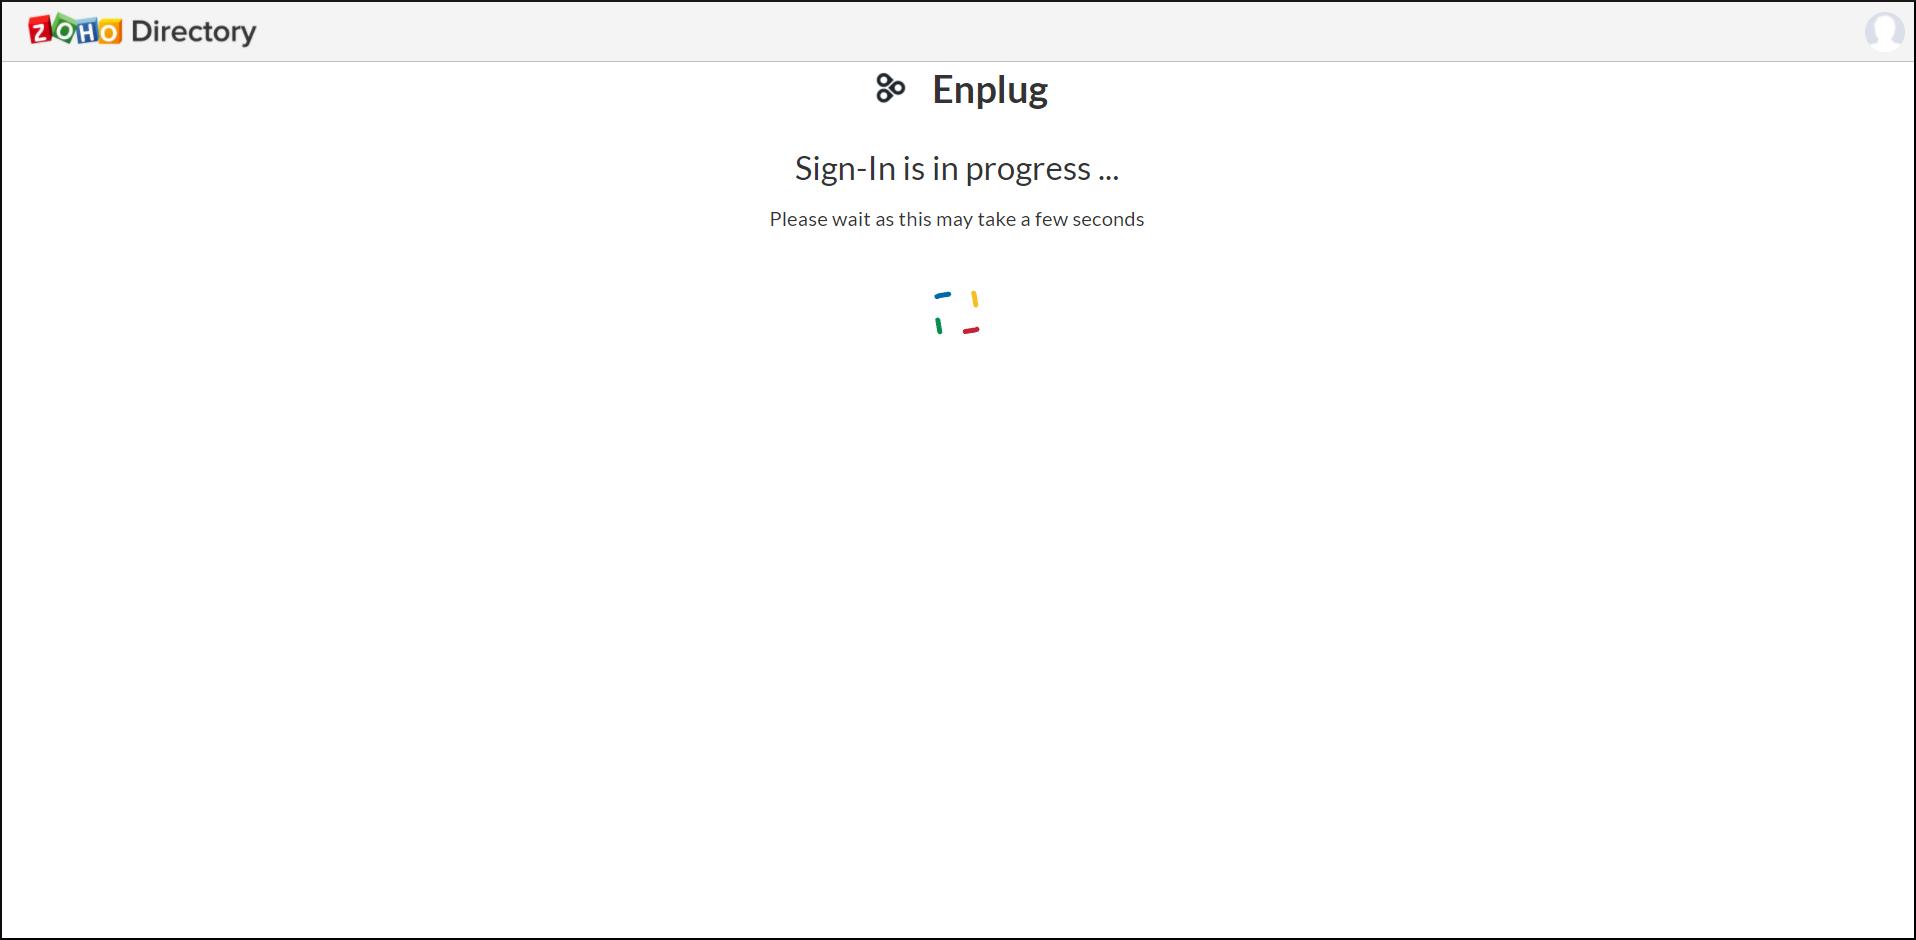 Testing SAML SSO in Enplug